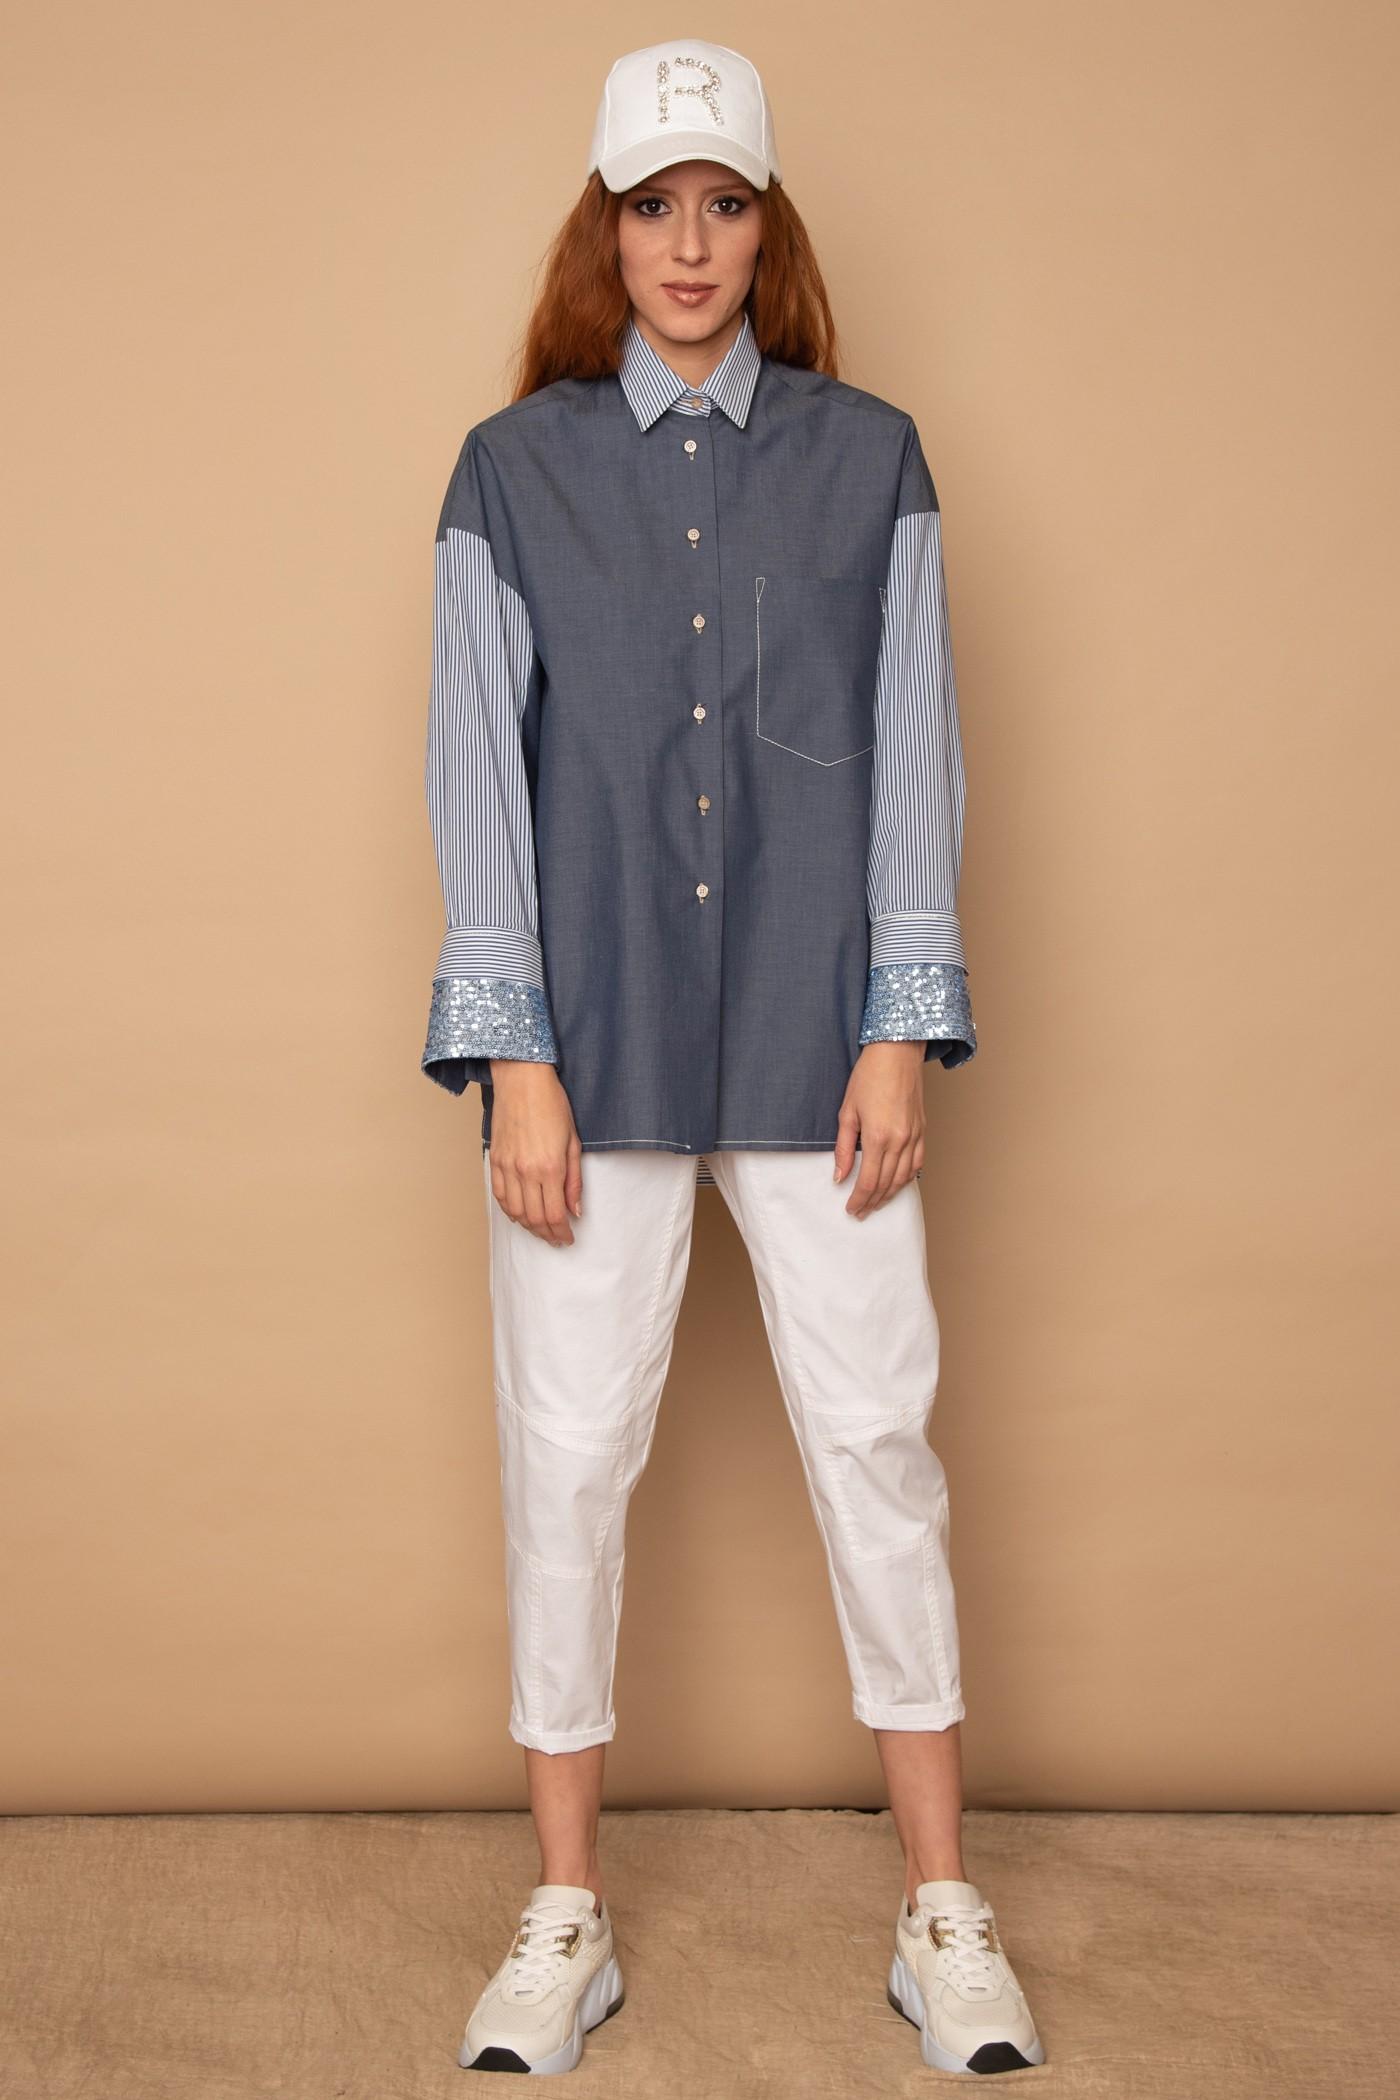 Πουκάμισο jean oversized με ριγέ μανίκια και παγιέτα, γυναικείο